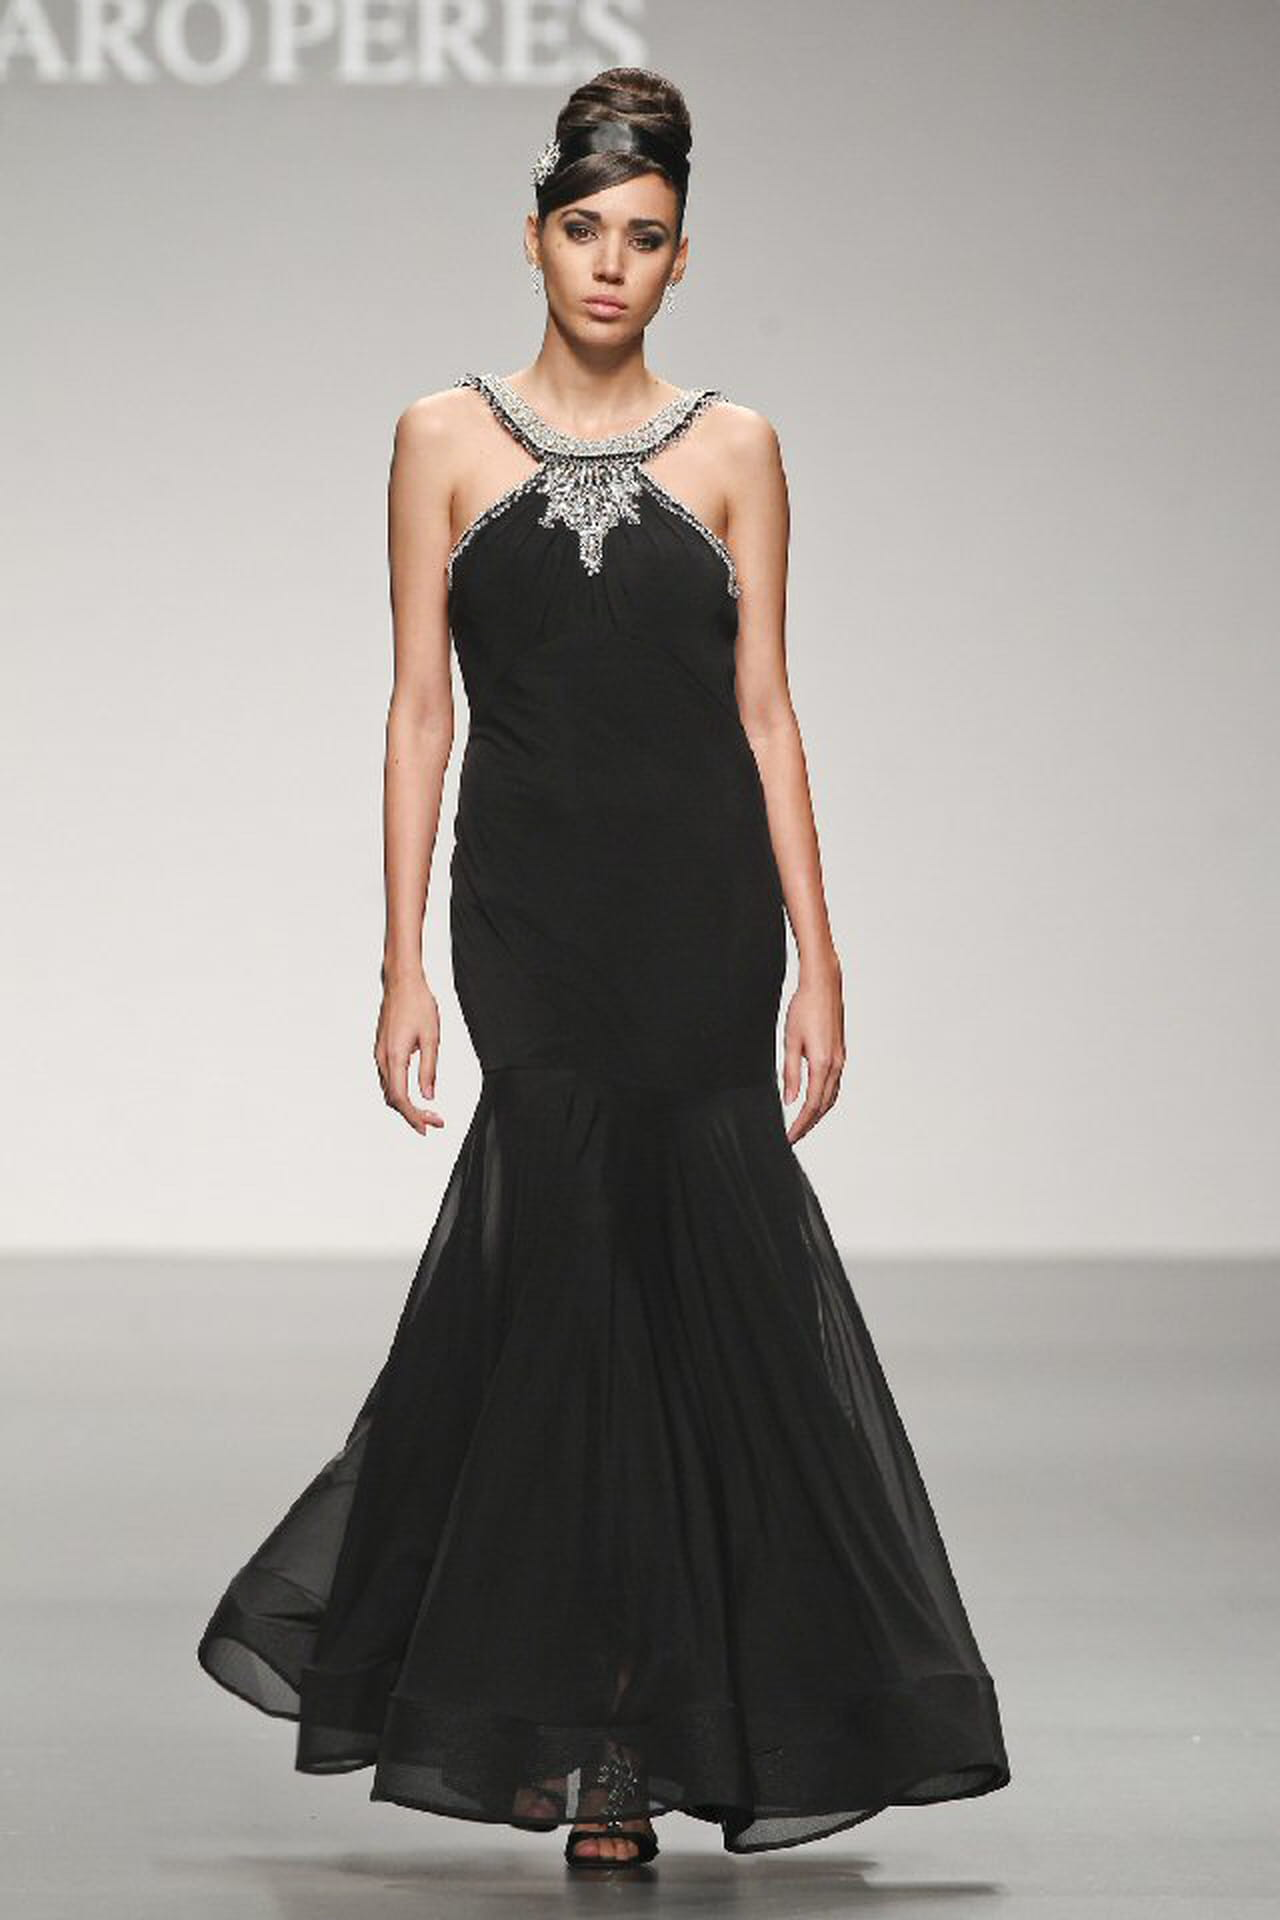 Vestito Matrimonio Uomo Giallo : Abito nero al matrimonio di sera i vestiti sono popolari